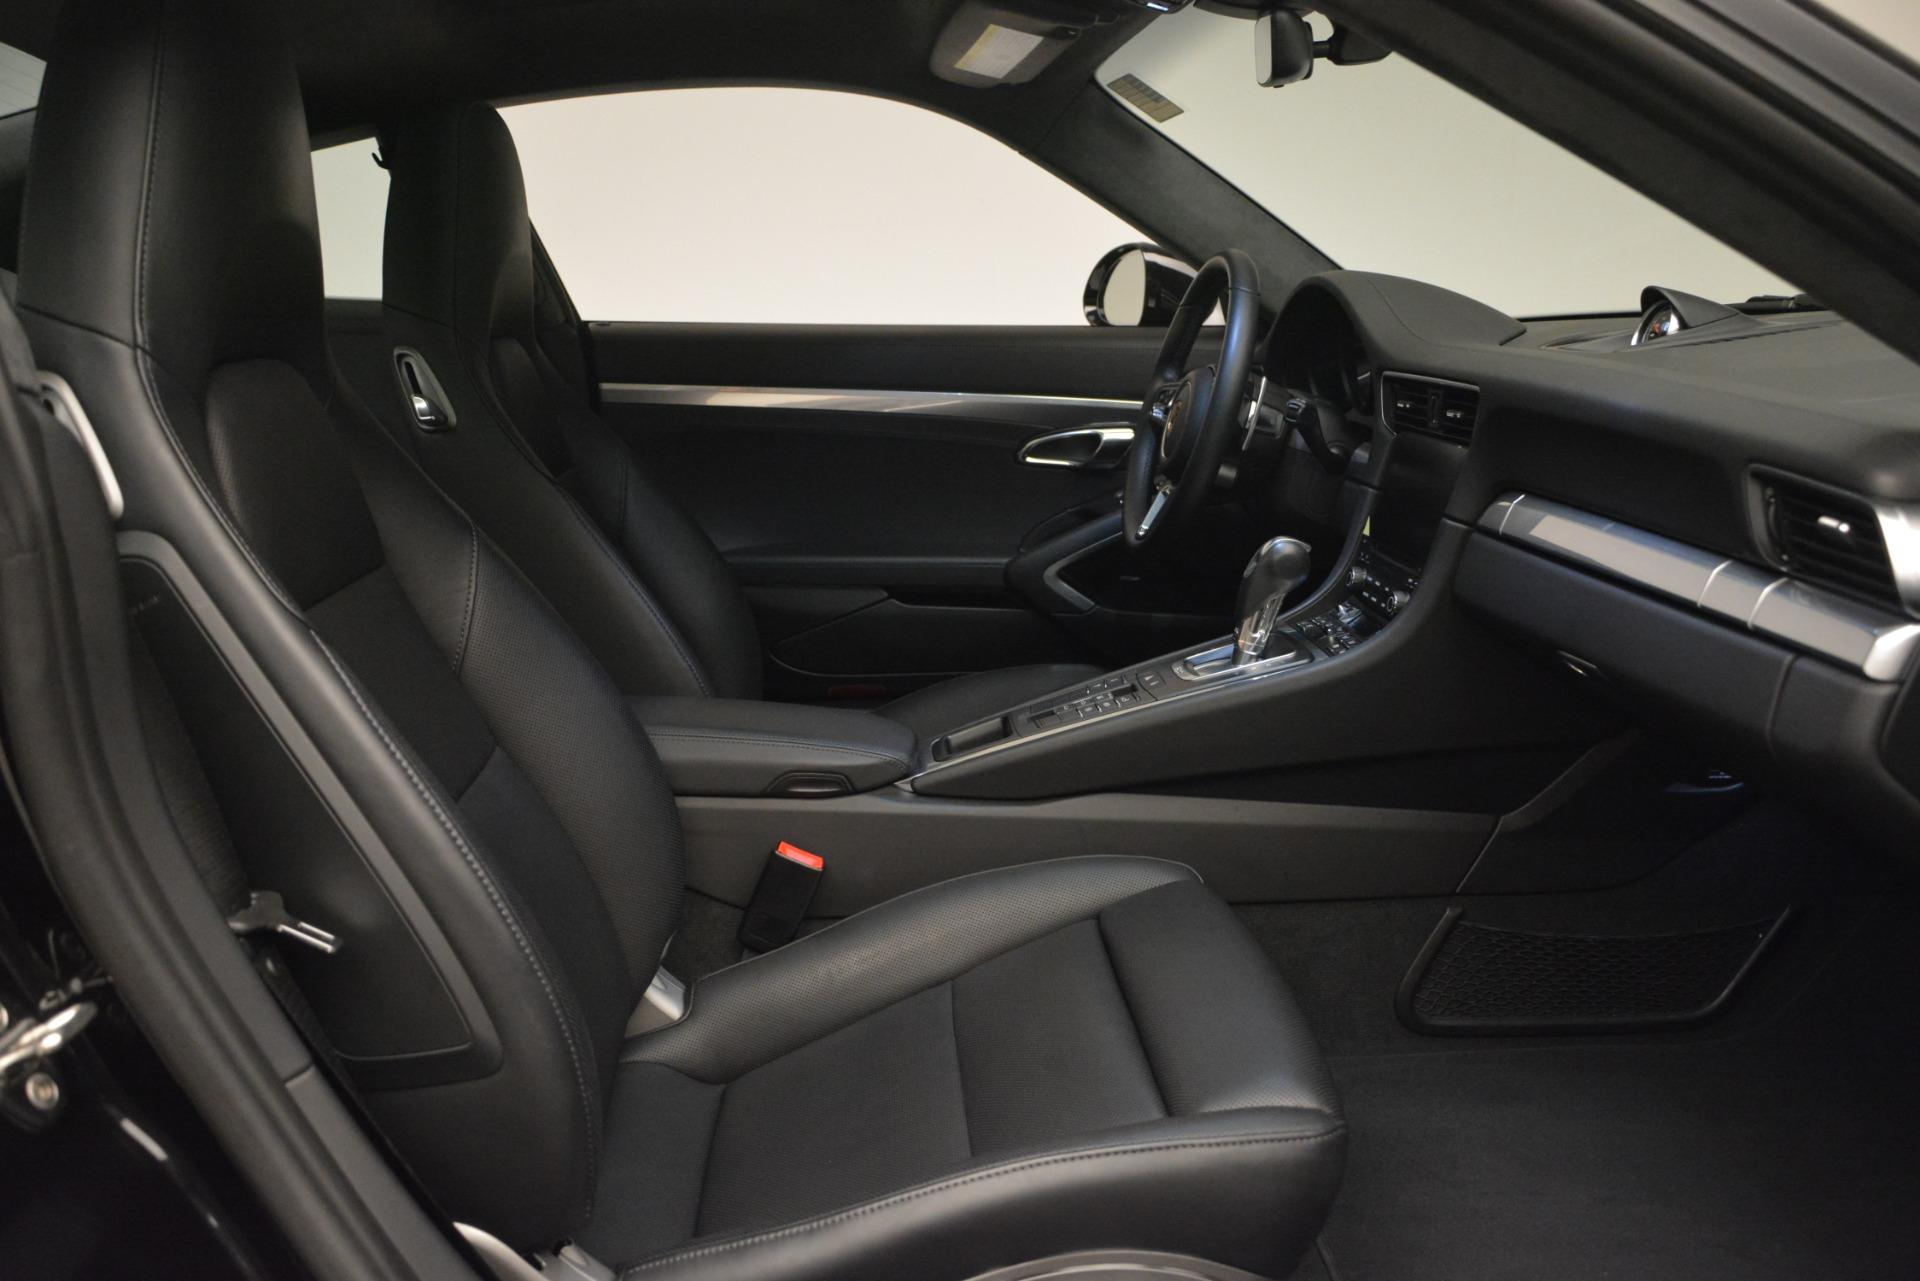 Used 2017 Porsche 911 Carrera 4S For Sale In Westport, CT 2887_p18